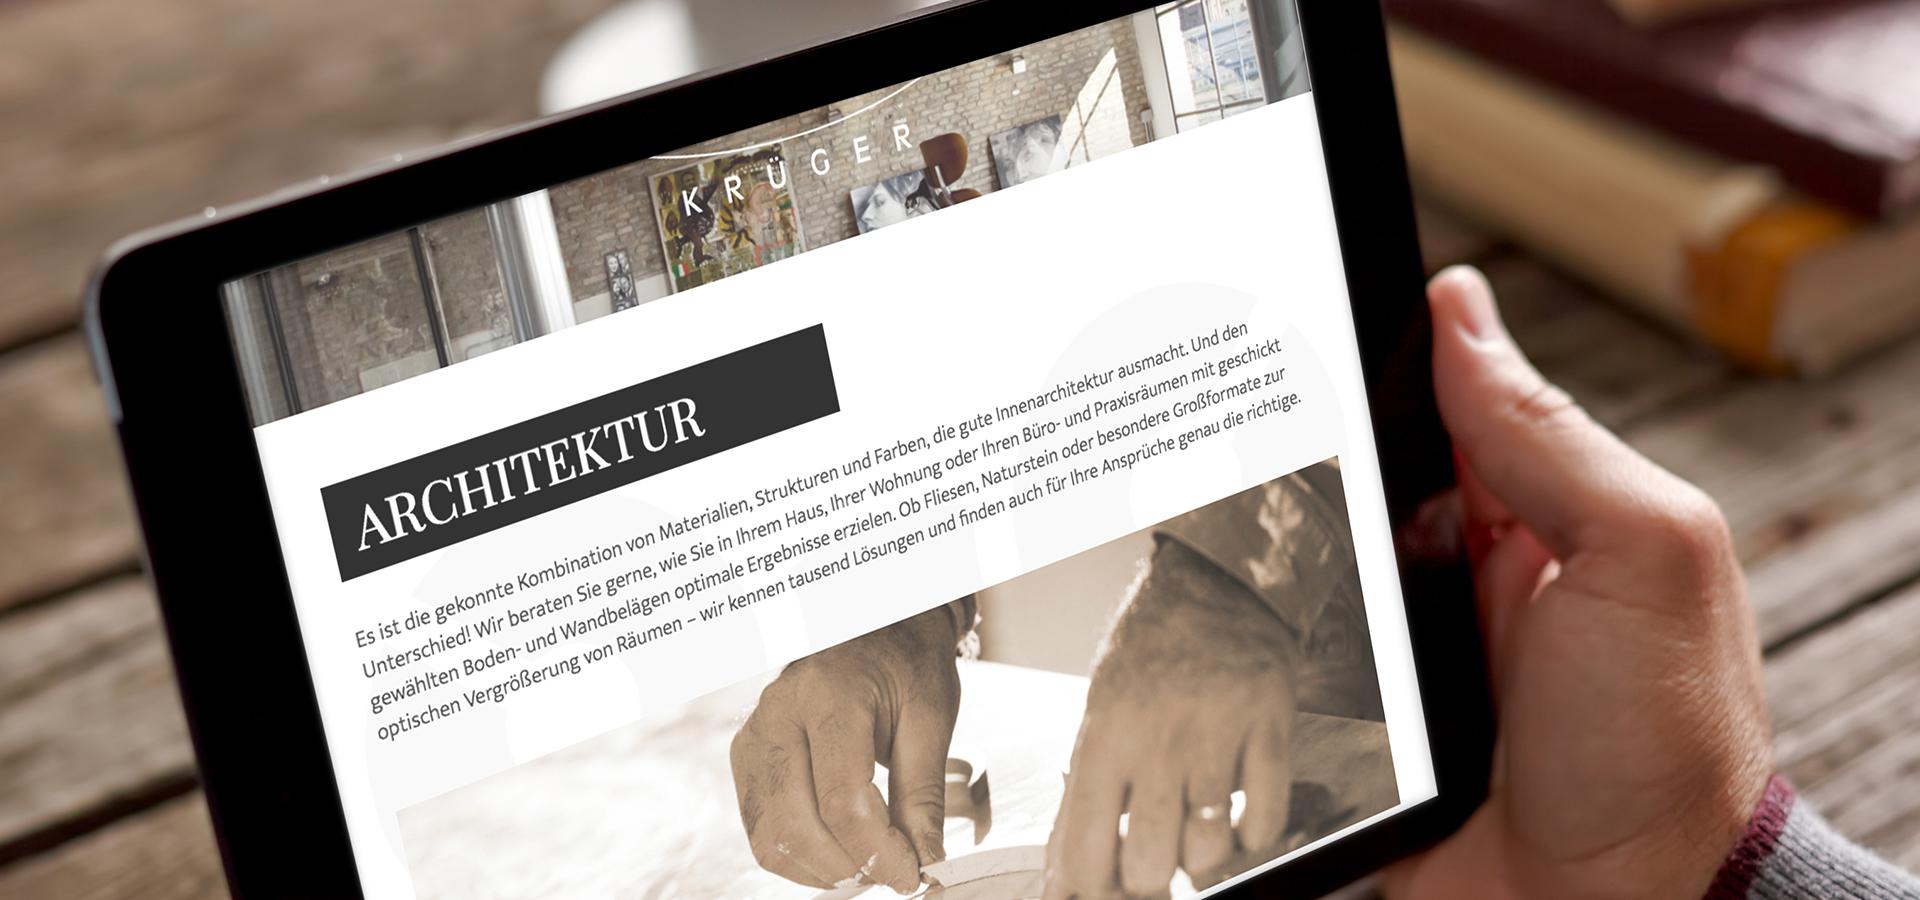 Fliesen Krüger Hannover krüger hannover webseite relaunch rpunkt de